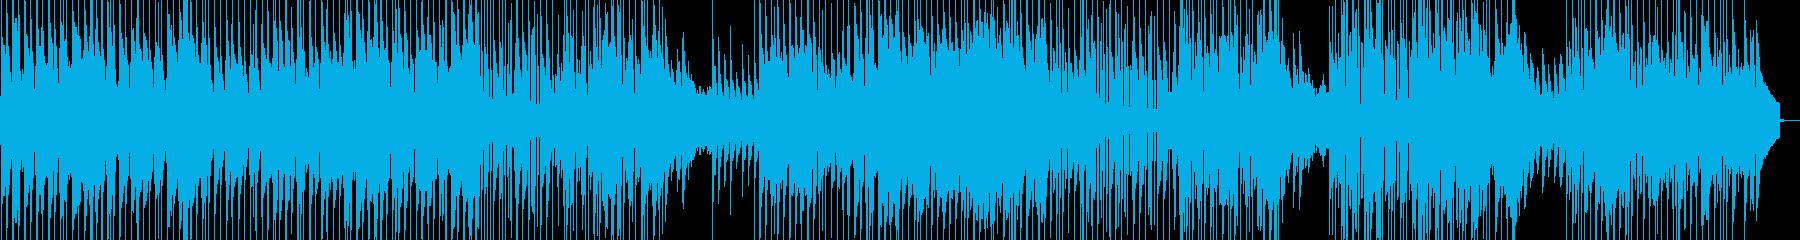 青空日和の散歩道をイメージの再生済みの波形